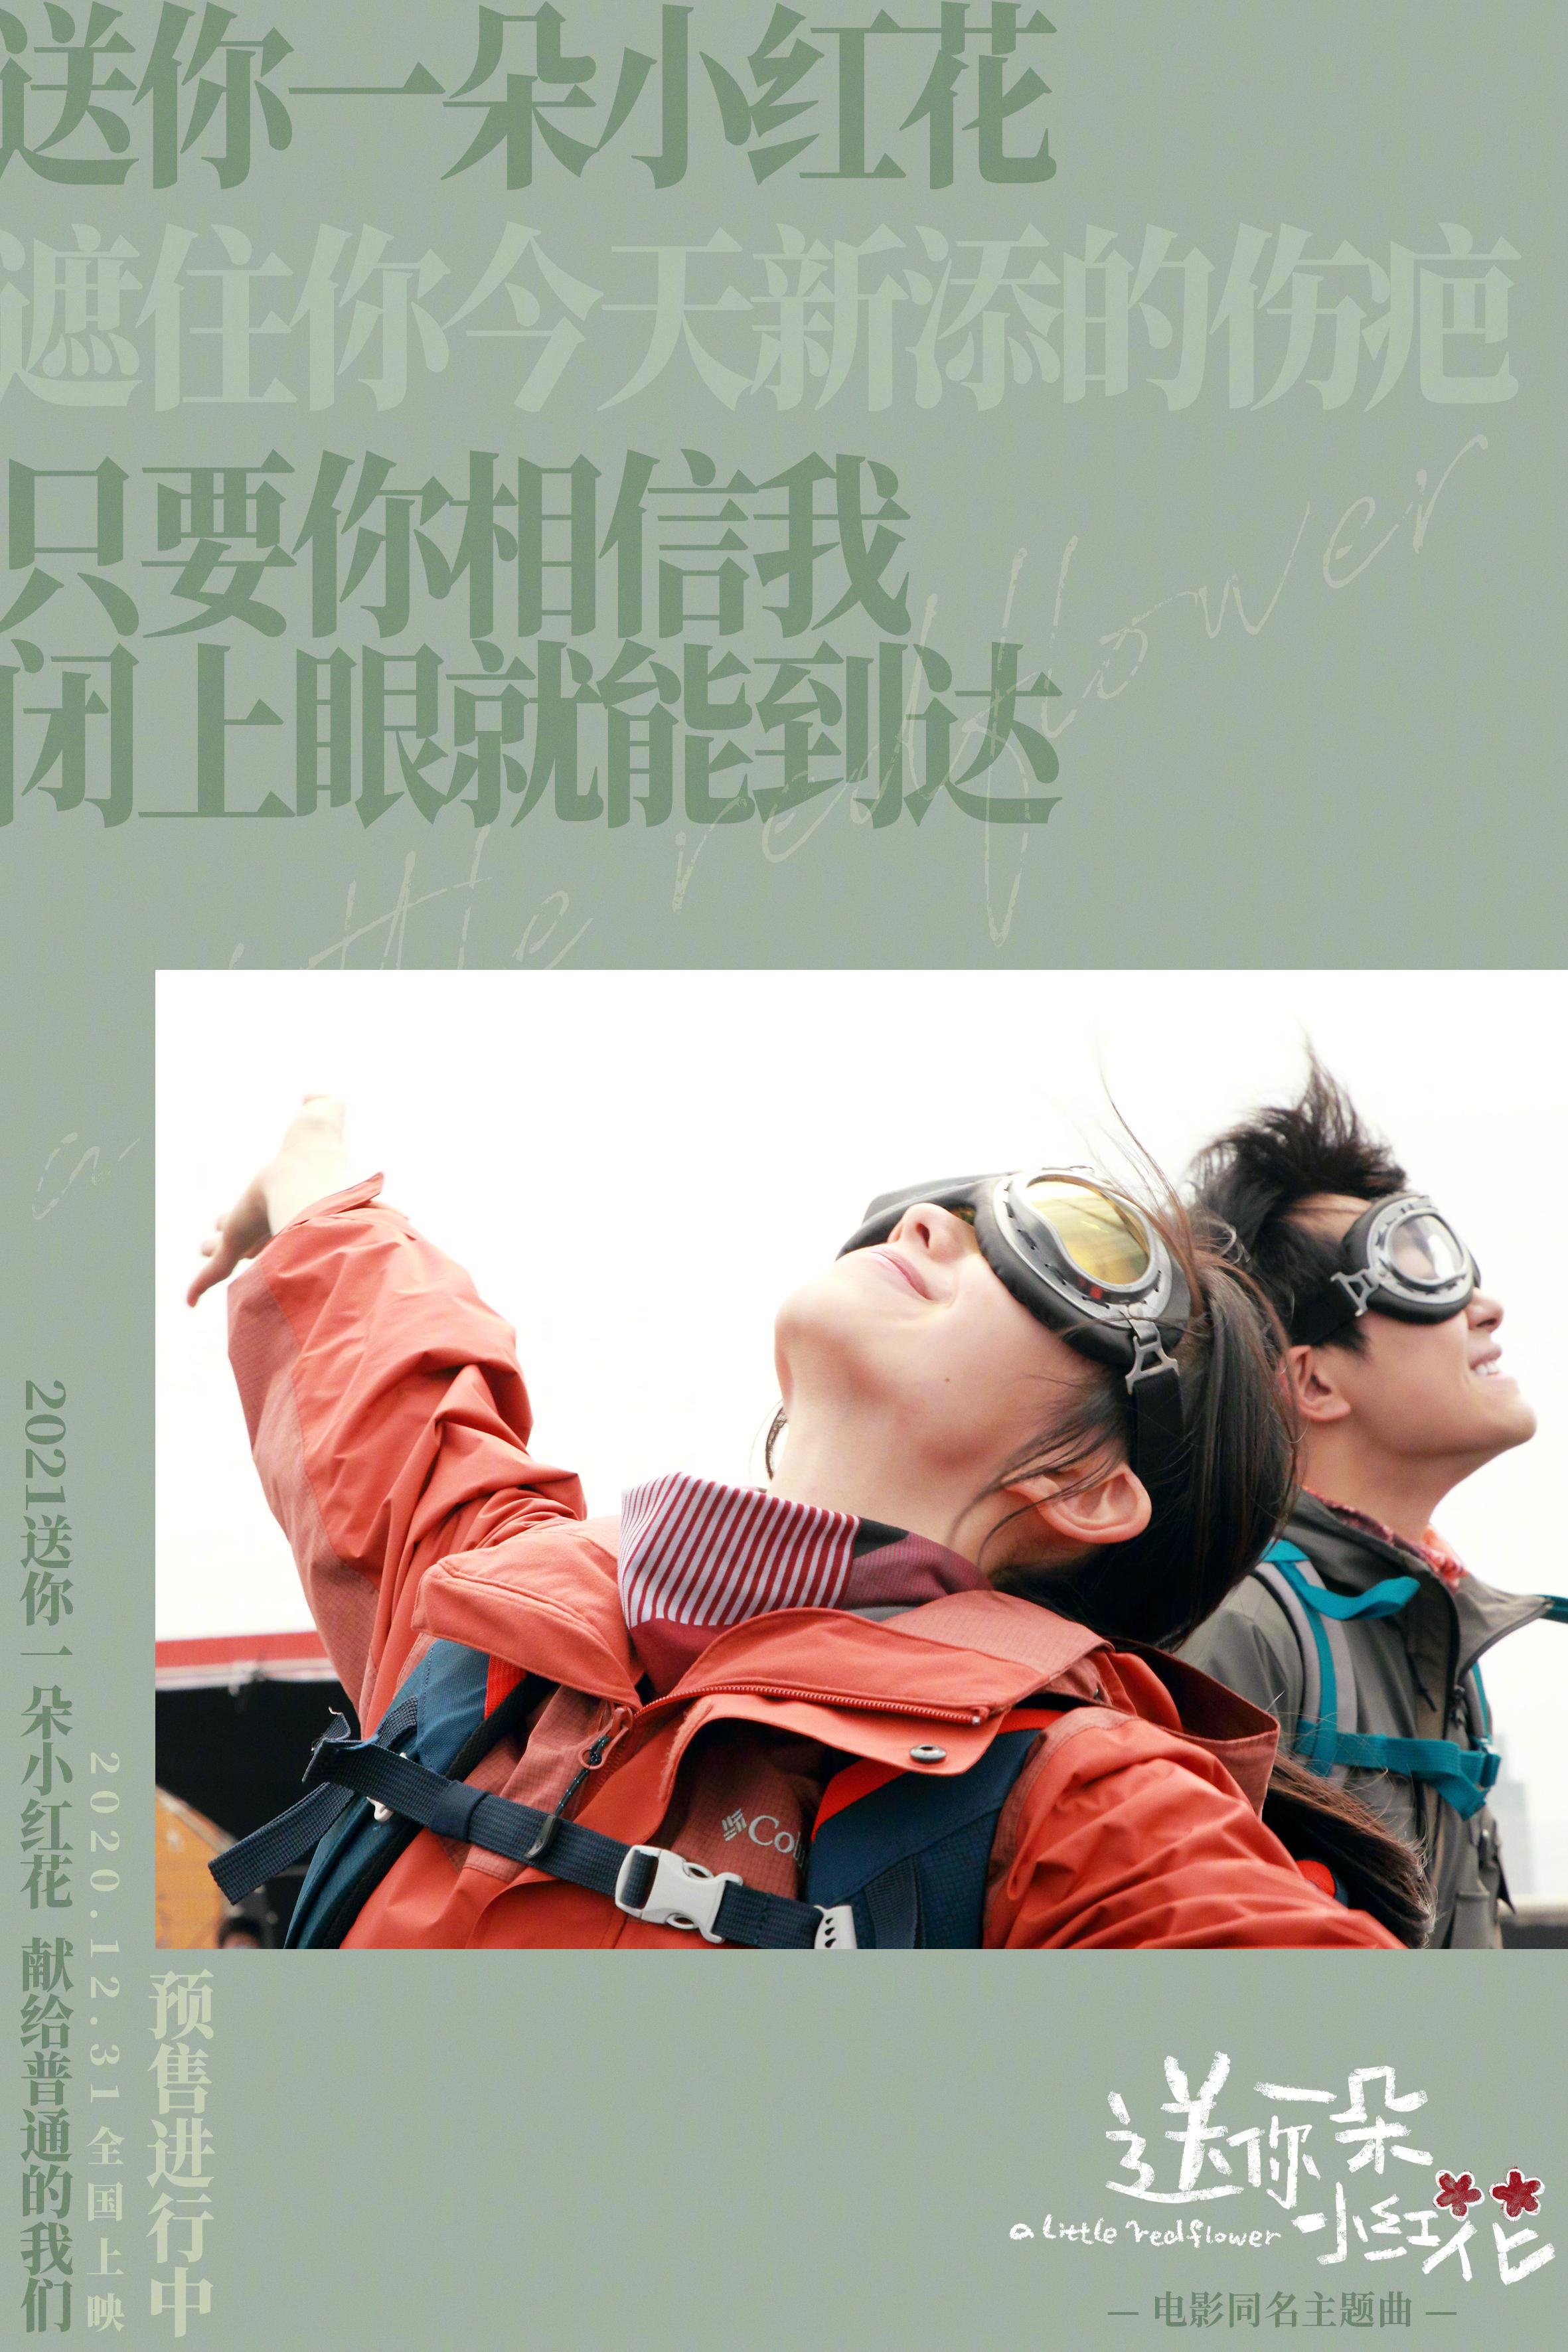 《送你一朵小红花》同名主题曲MV上线 易烊千玺台词戳心 雨中对刘浩存情绪爆发